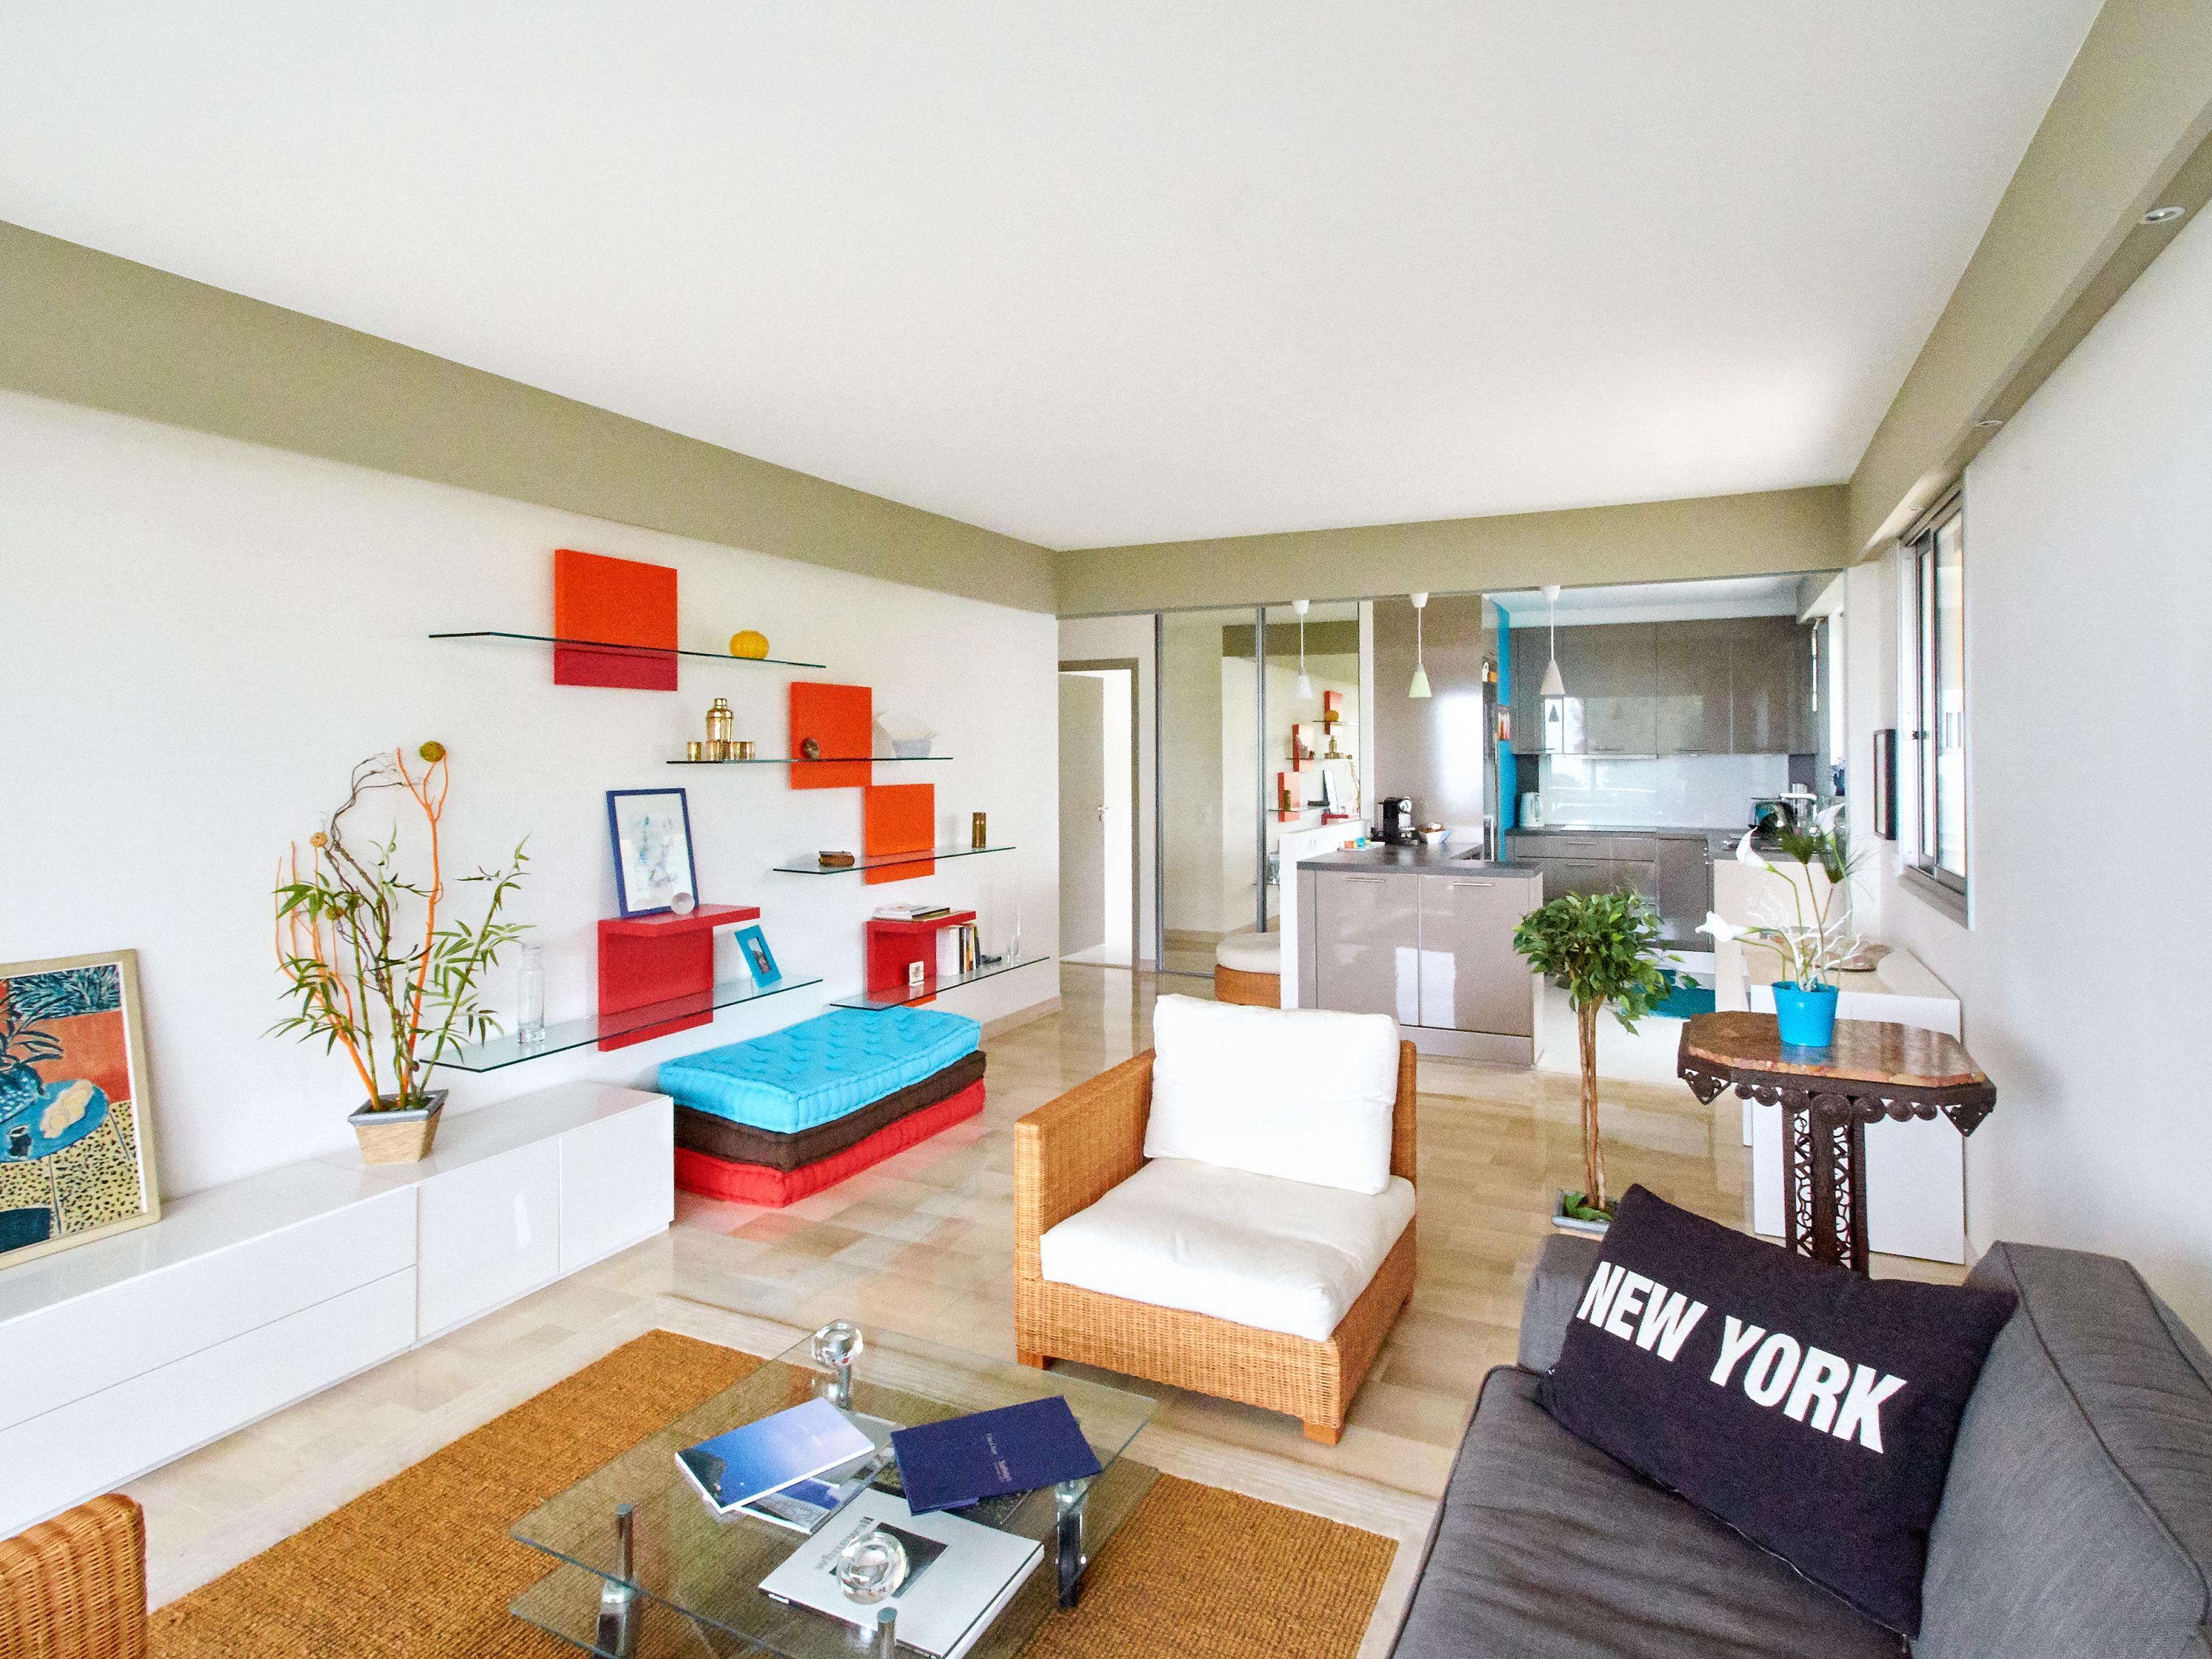 Apartamento para Venda às Apartment for sale in Cannes Californie Cannes, Provença-Alpes-Costa Azul 06400 França